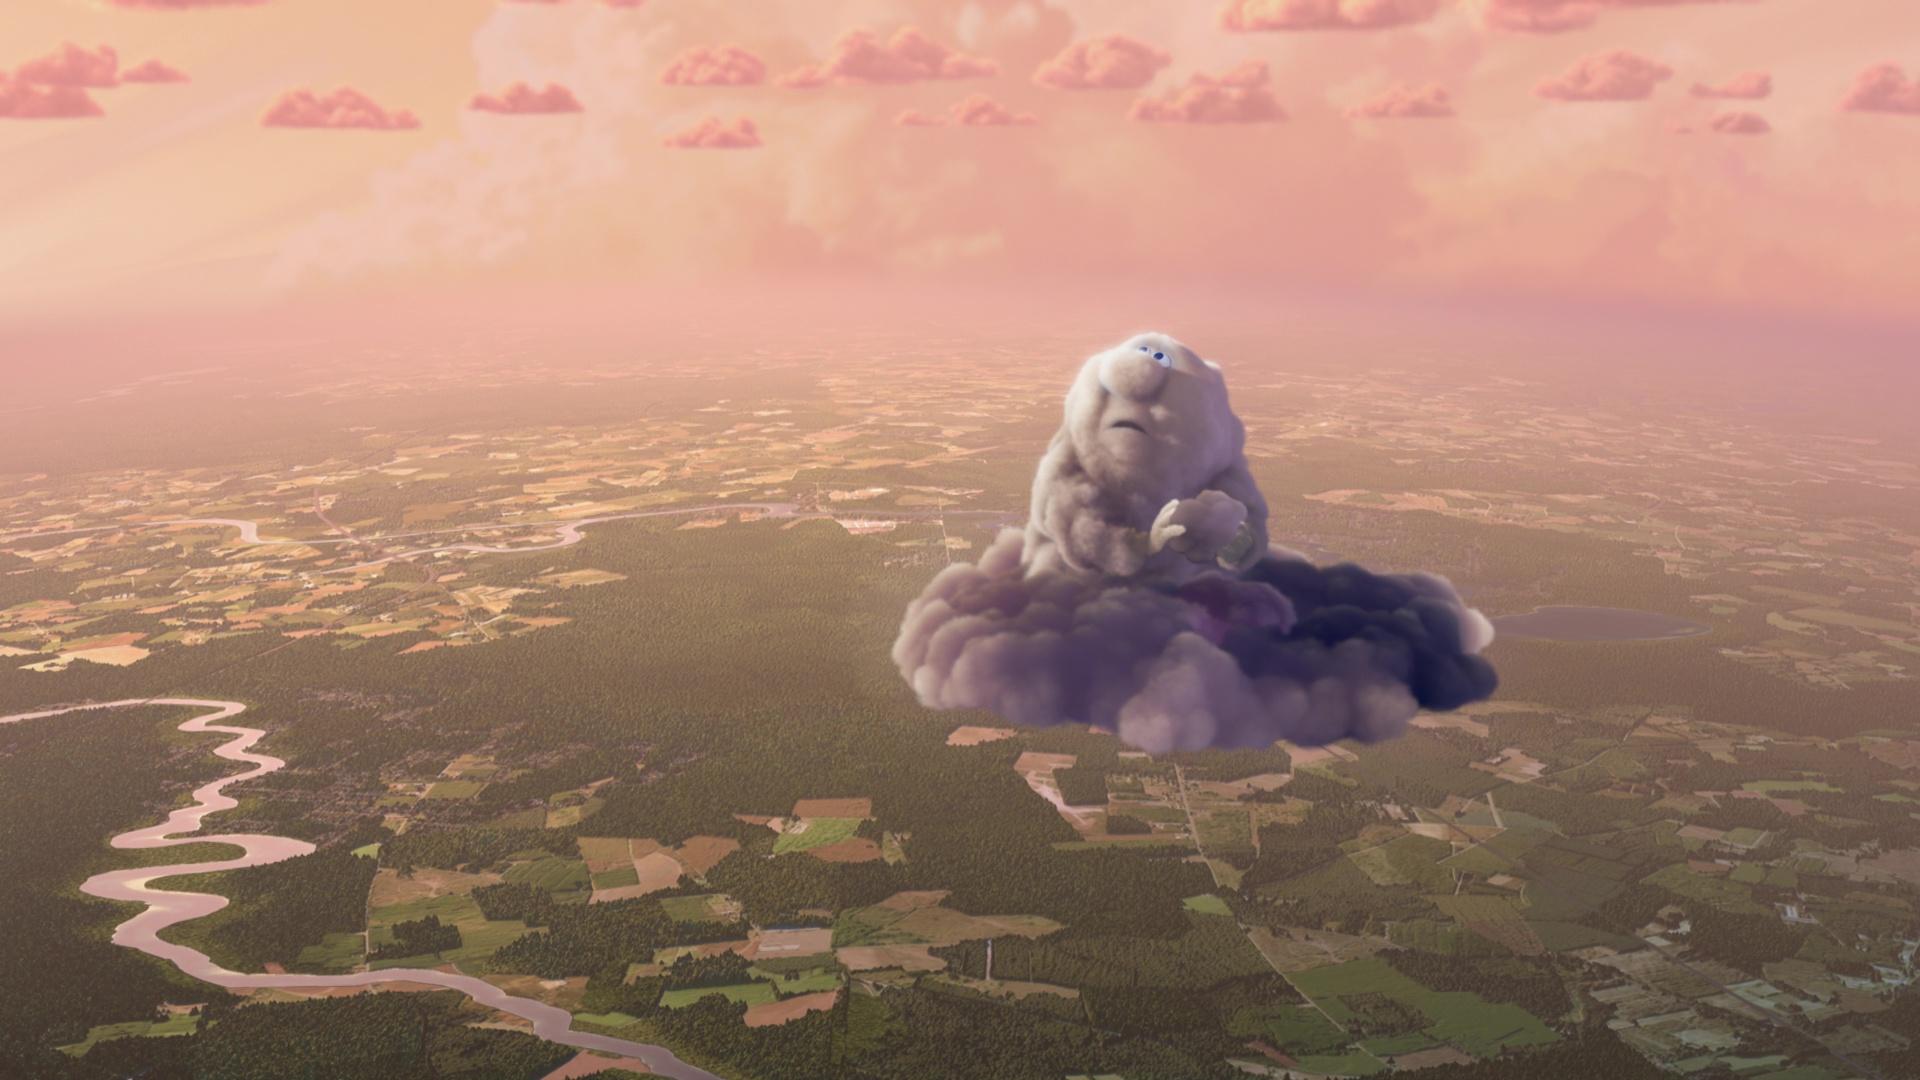 pixar disney passages nuageaux partly cloudy